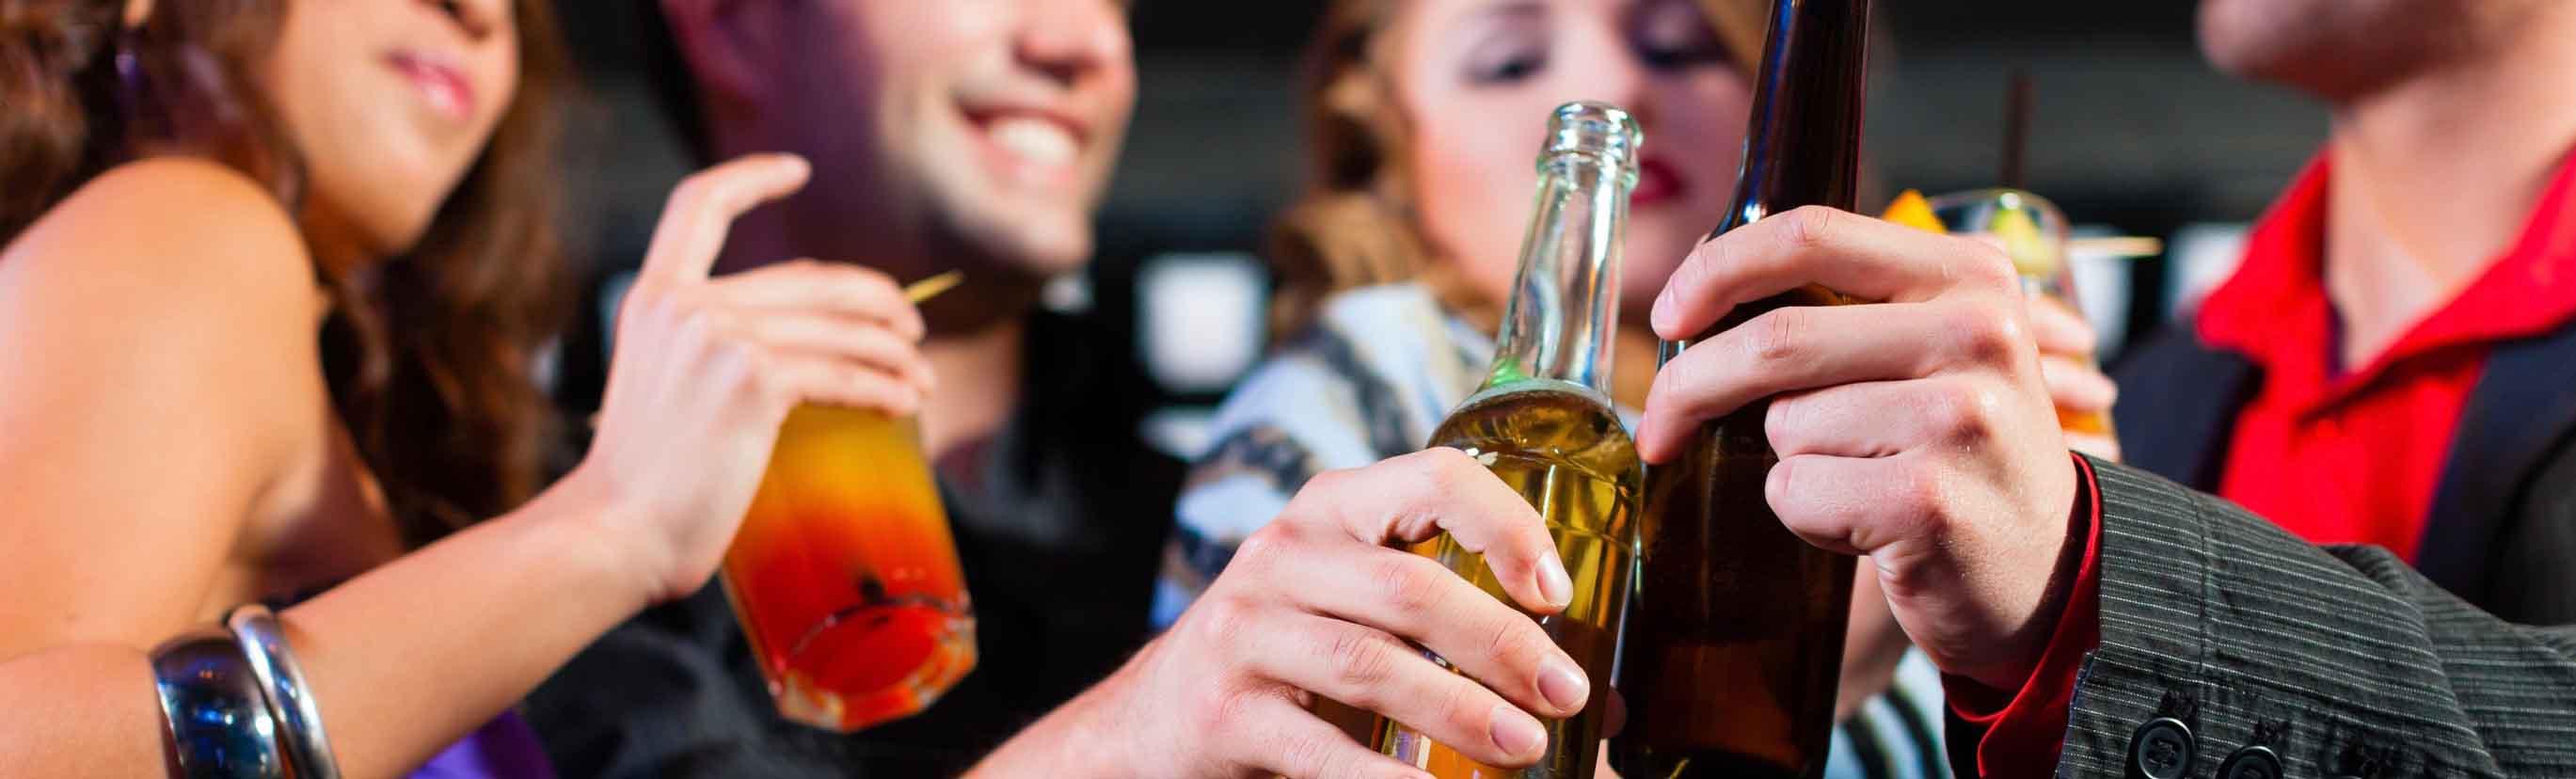 Adicción al alcohol o alcoholismo - De Salud Psicólogos - José de Sola - Psicólogos en Madrid - Psicólogos en Málaga